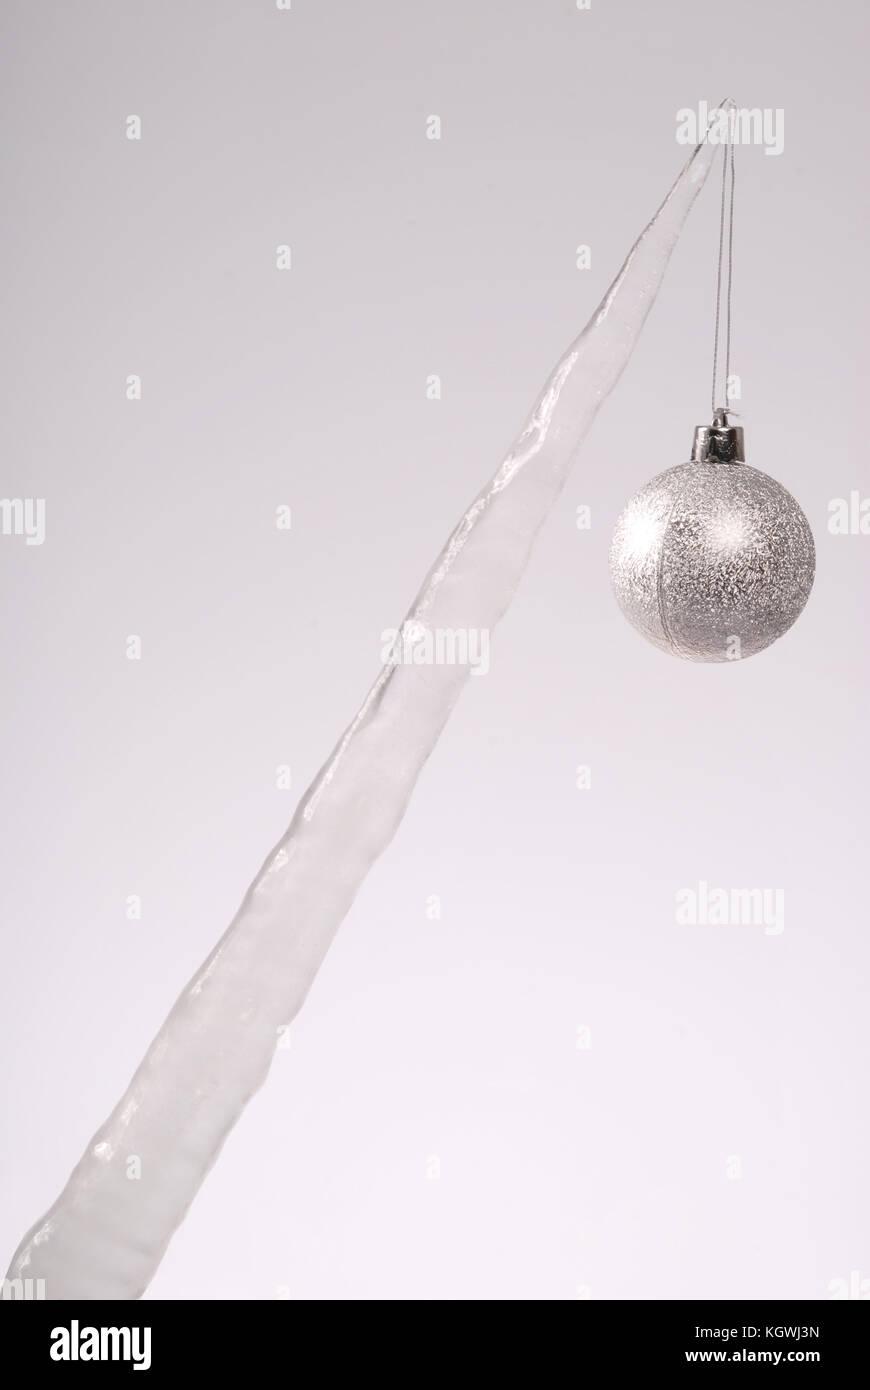 eiszapfen mit einem weihnachtsbaum spielzeug auf grauem hintergrund gefrorenes wasser stockfoto. Black Bedroom Furniture Sets. Home Design Ideas